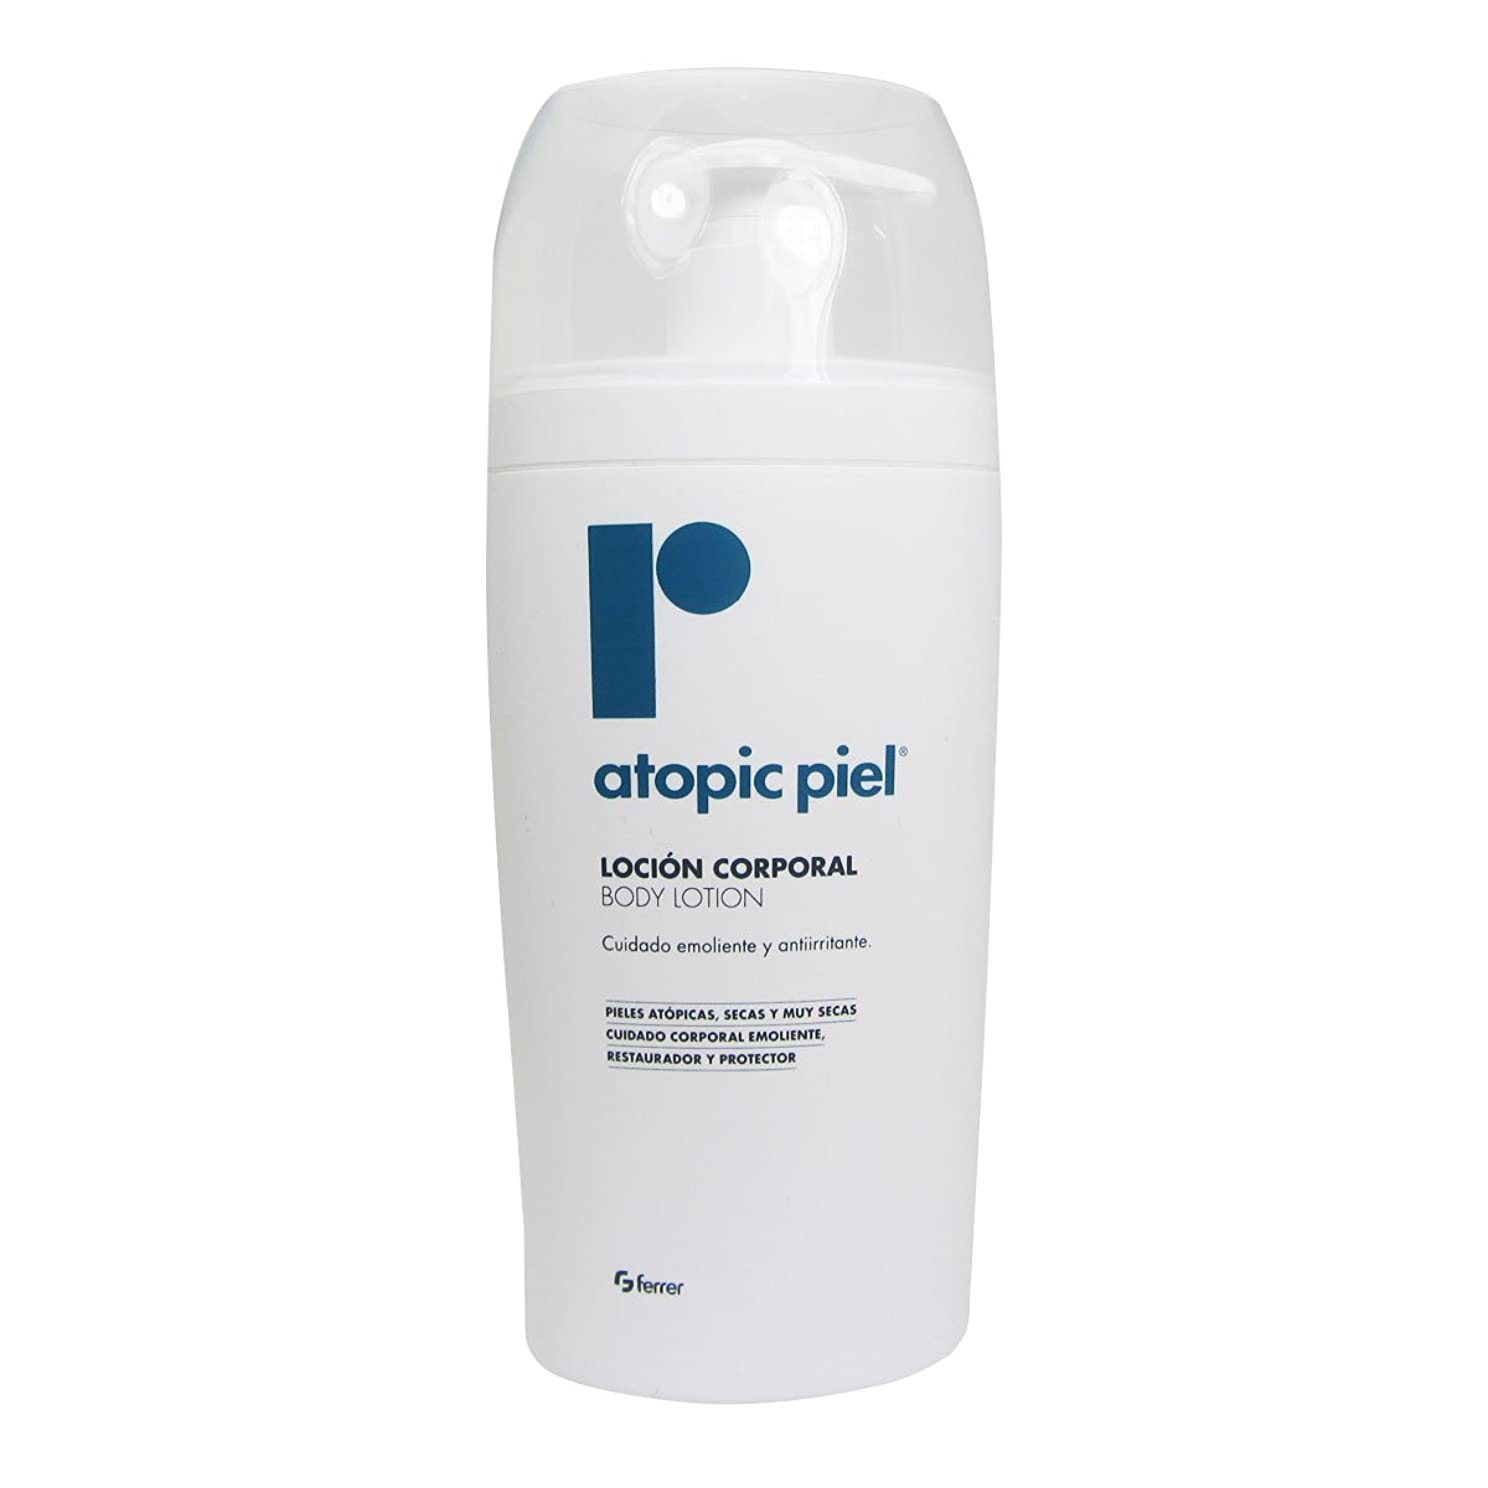 ファブリック郡ずんぐりしたRepavar Atopic Skin Body Lotion 500ml [並行輸入品]